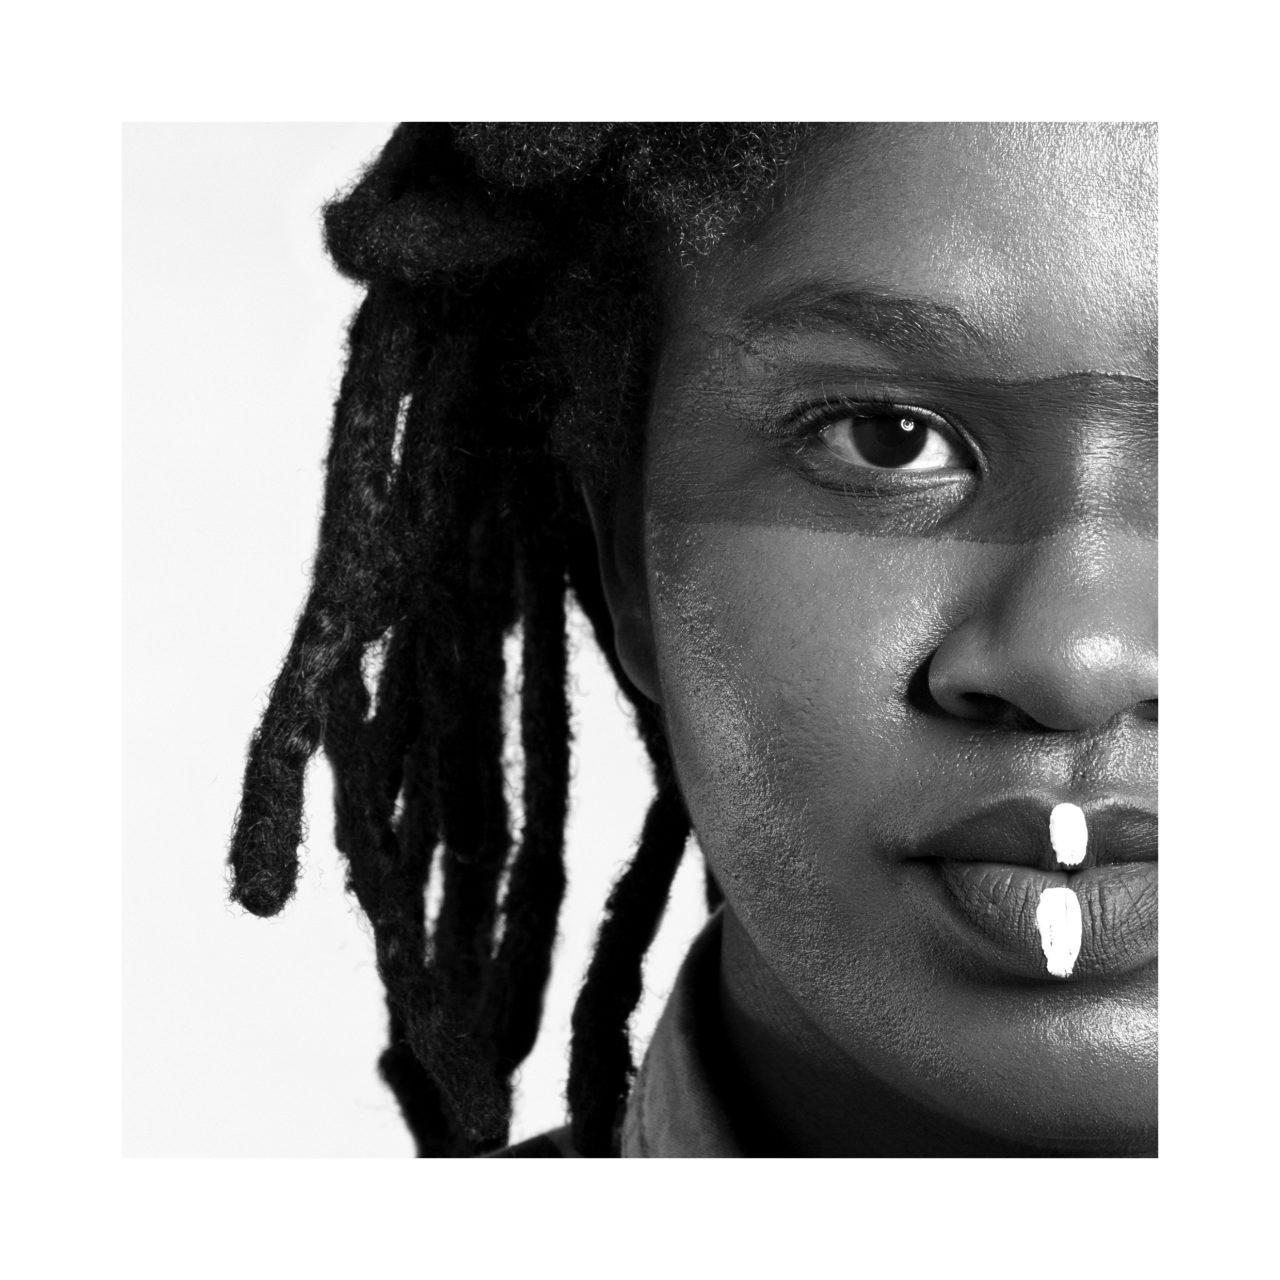 Ikati Esengxoweni